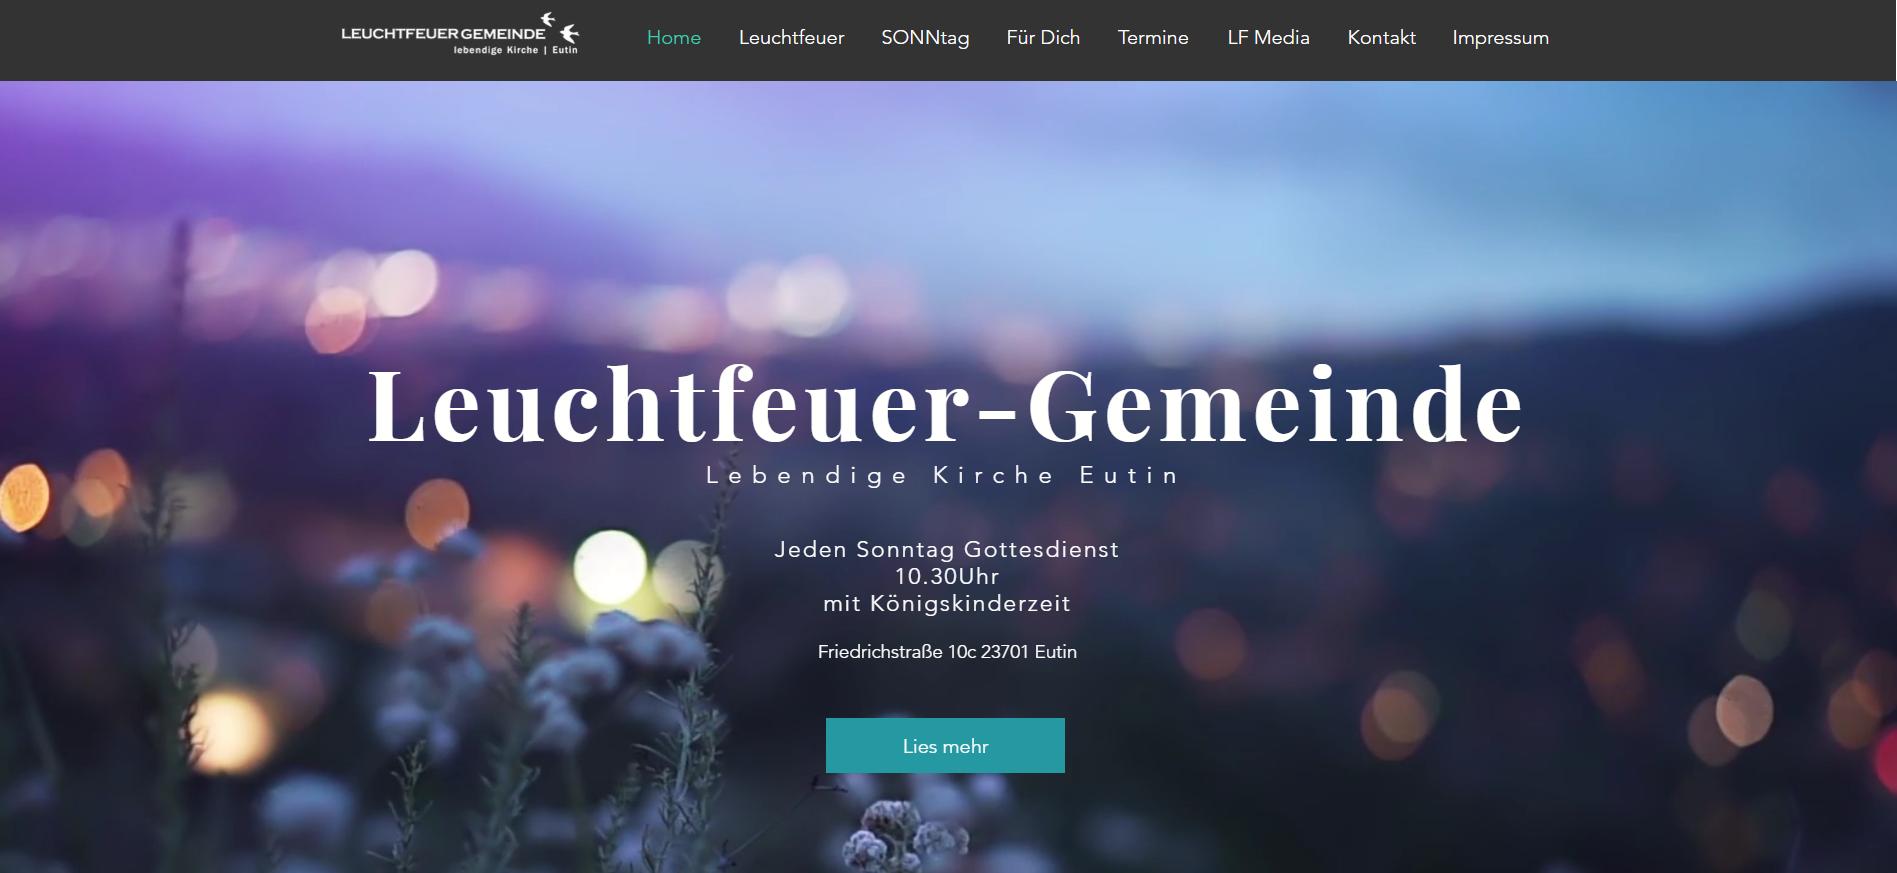 Leuchtfeuer Gemeinde Eutin | Startseite